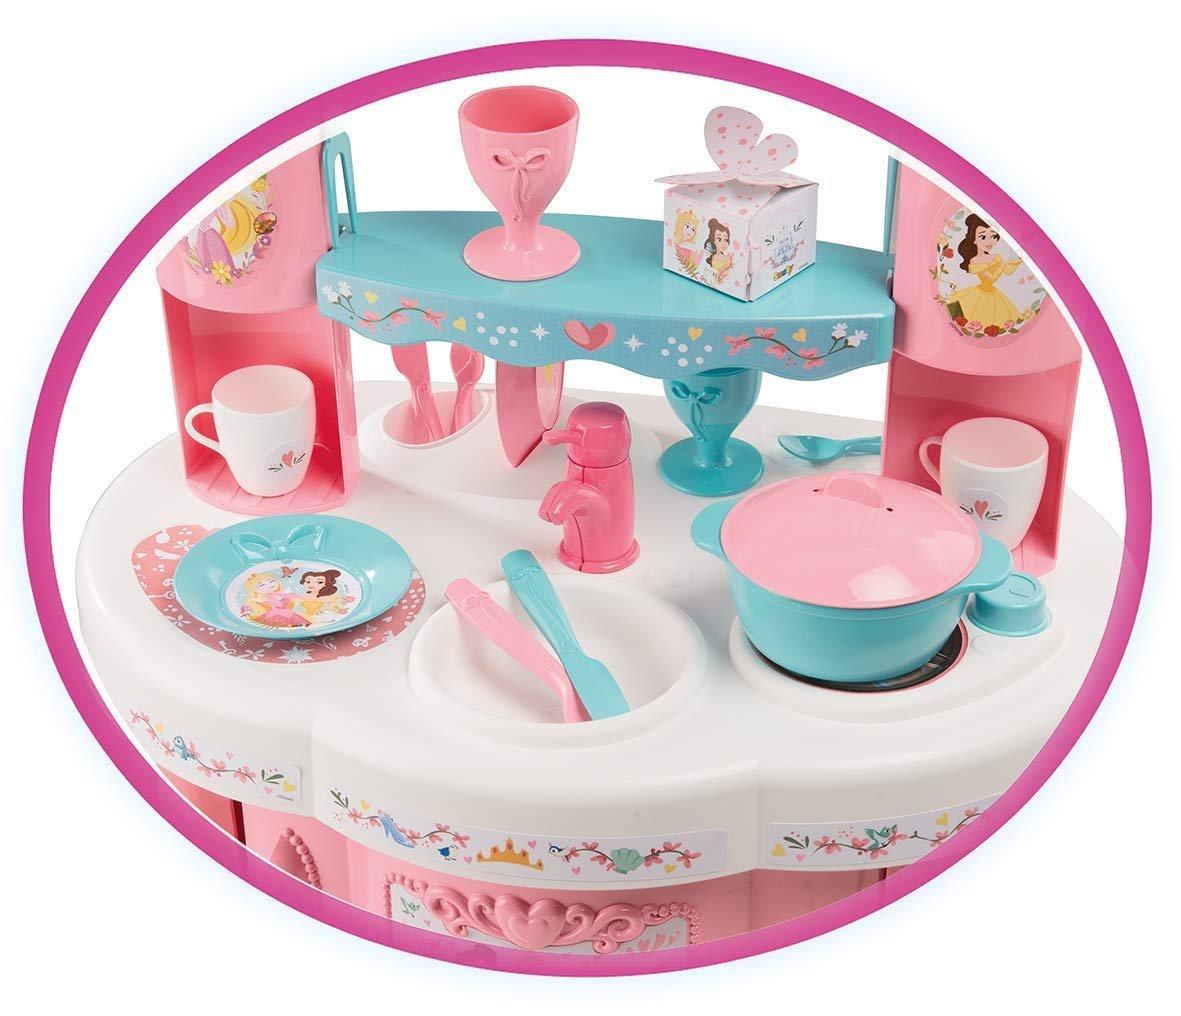 Smoby Kuchnia Dla Dzieci Ksiezniczki Disneya 3 Kuchnie Dom